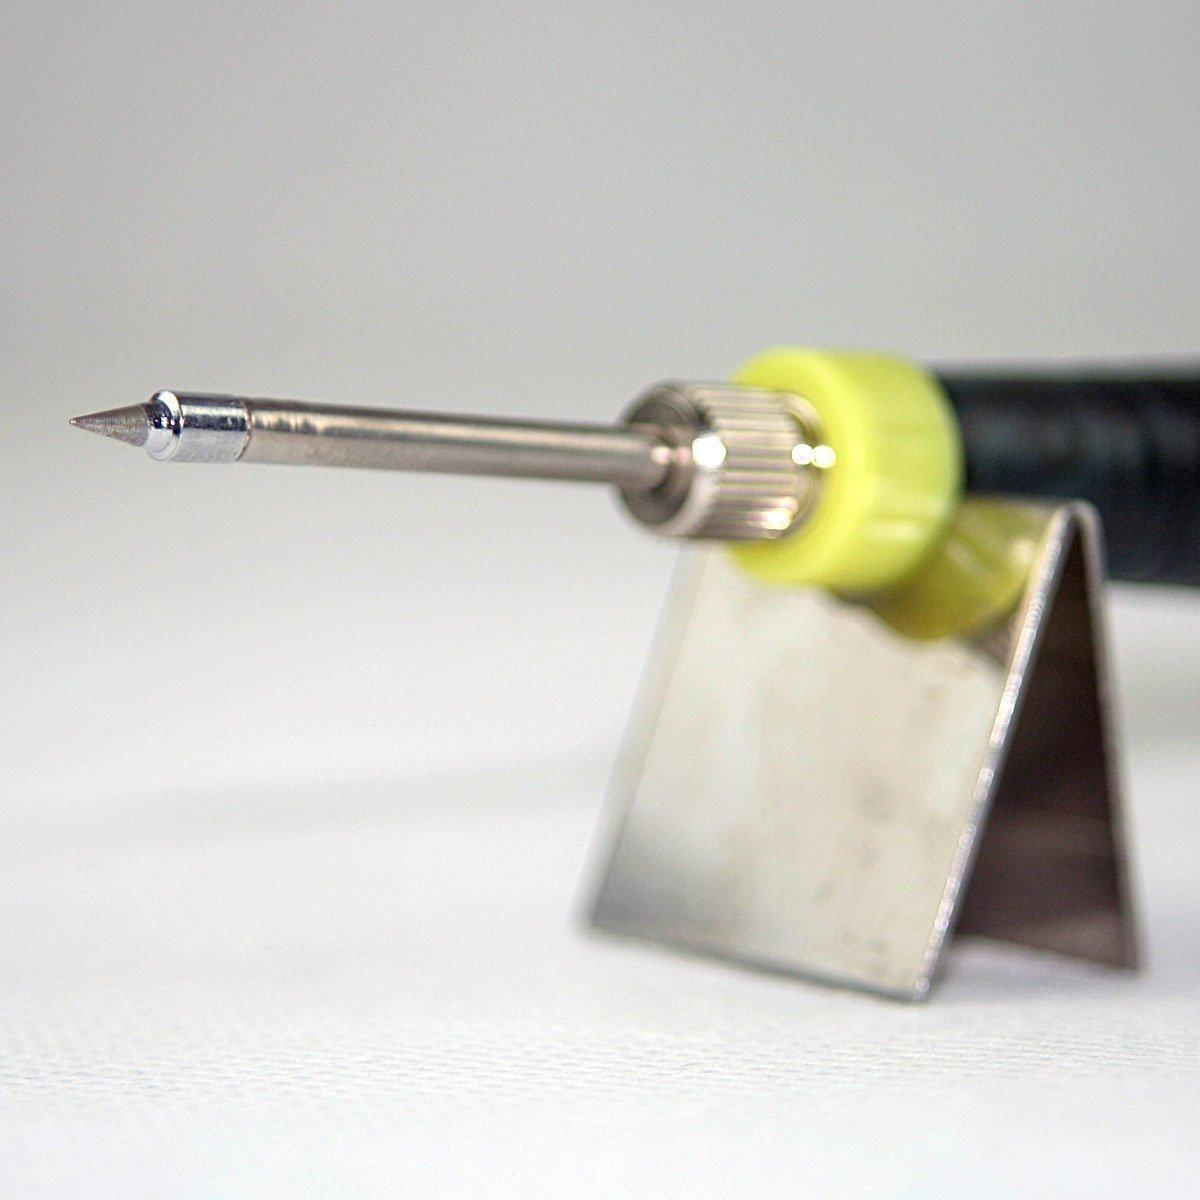 Soldador USB tipo lápiz de 8W, punta fina 0,2mm: Amazon.es: Bricolaje y herramientas